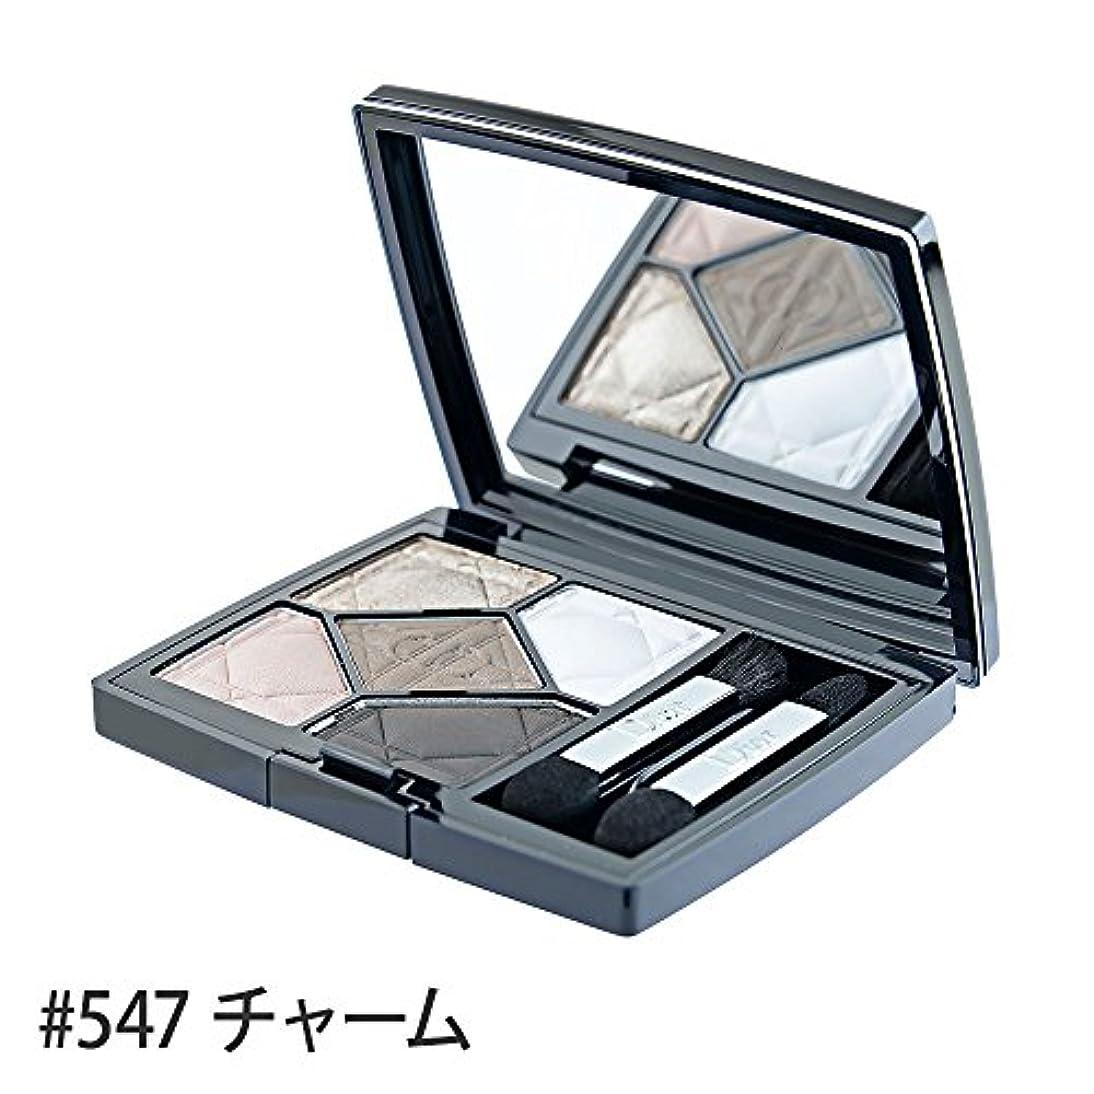 カレンダー応じる雲ディオール(Dior) サンク クルール #547(チャーム) 6g [並行輸入品]